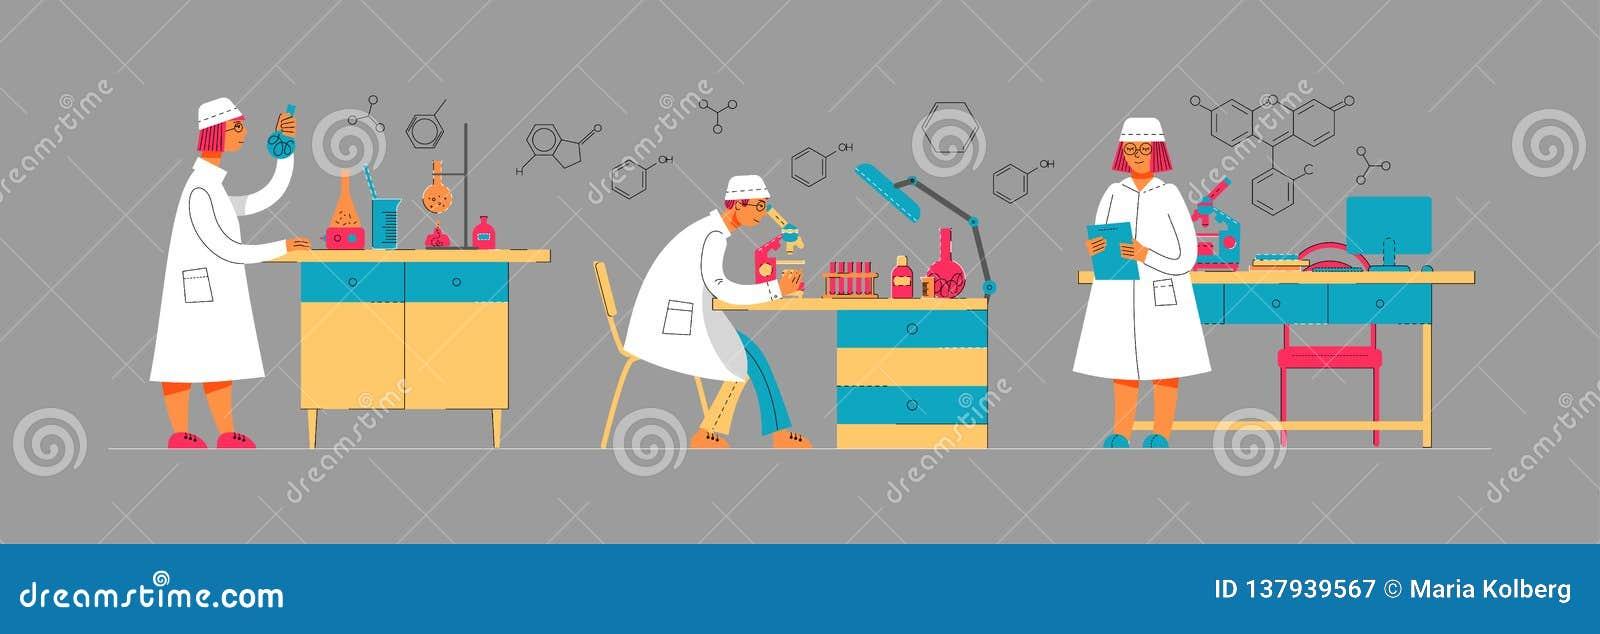 Leute in der Uniform arbeiten in einem Labor Chemisches und biologisches Labor